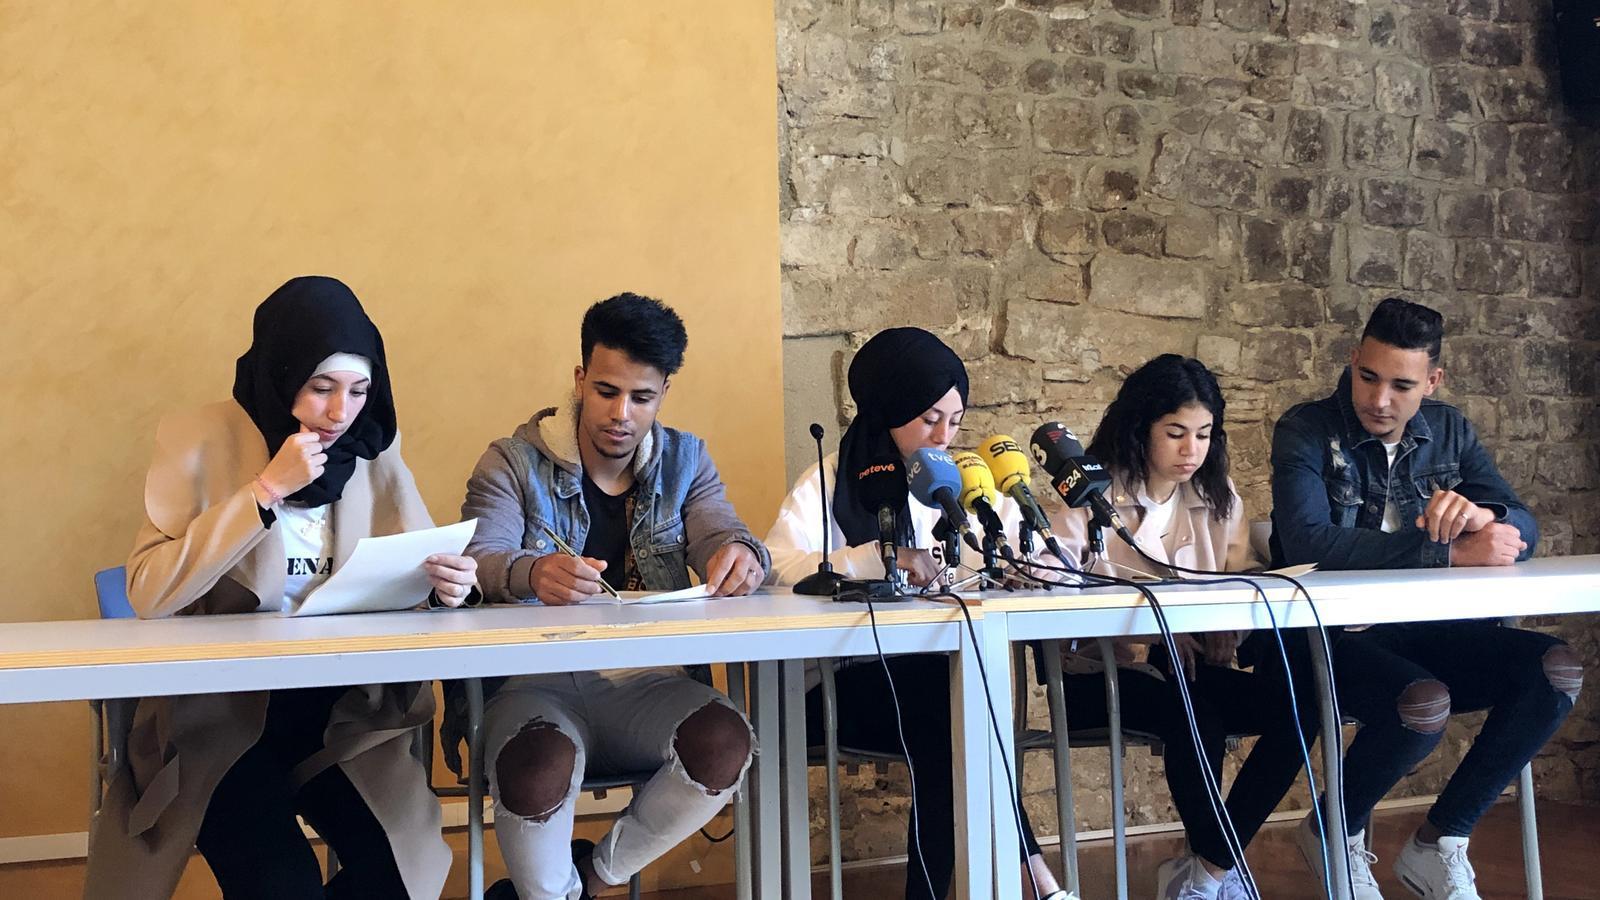 L'associació Ex-Mena s'ofereix a mediar en el conflicte del centre de menors de Rubí